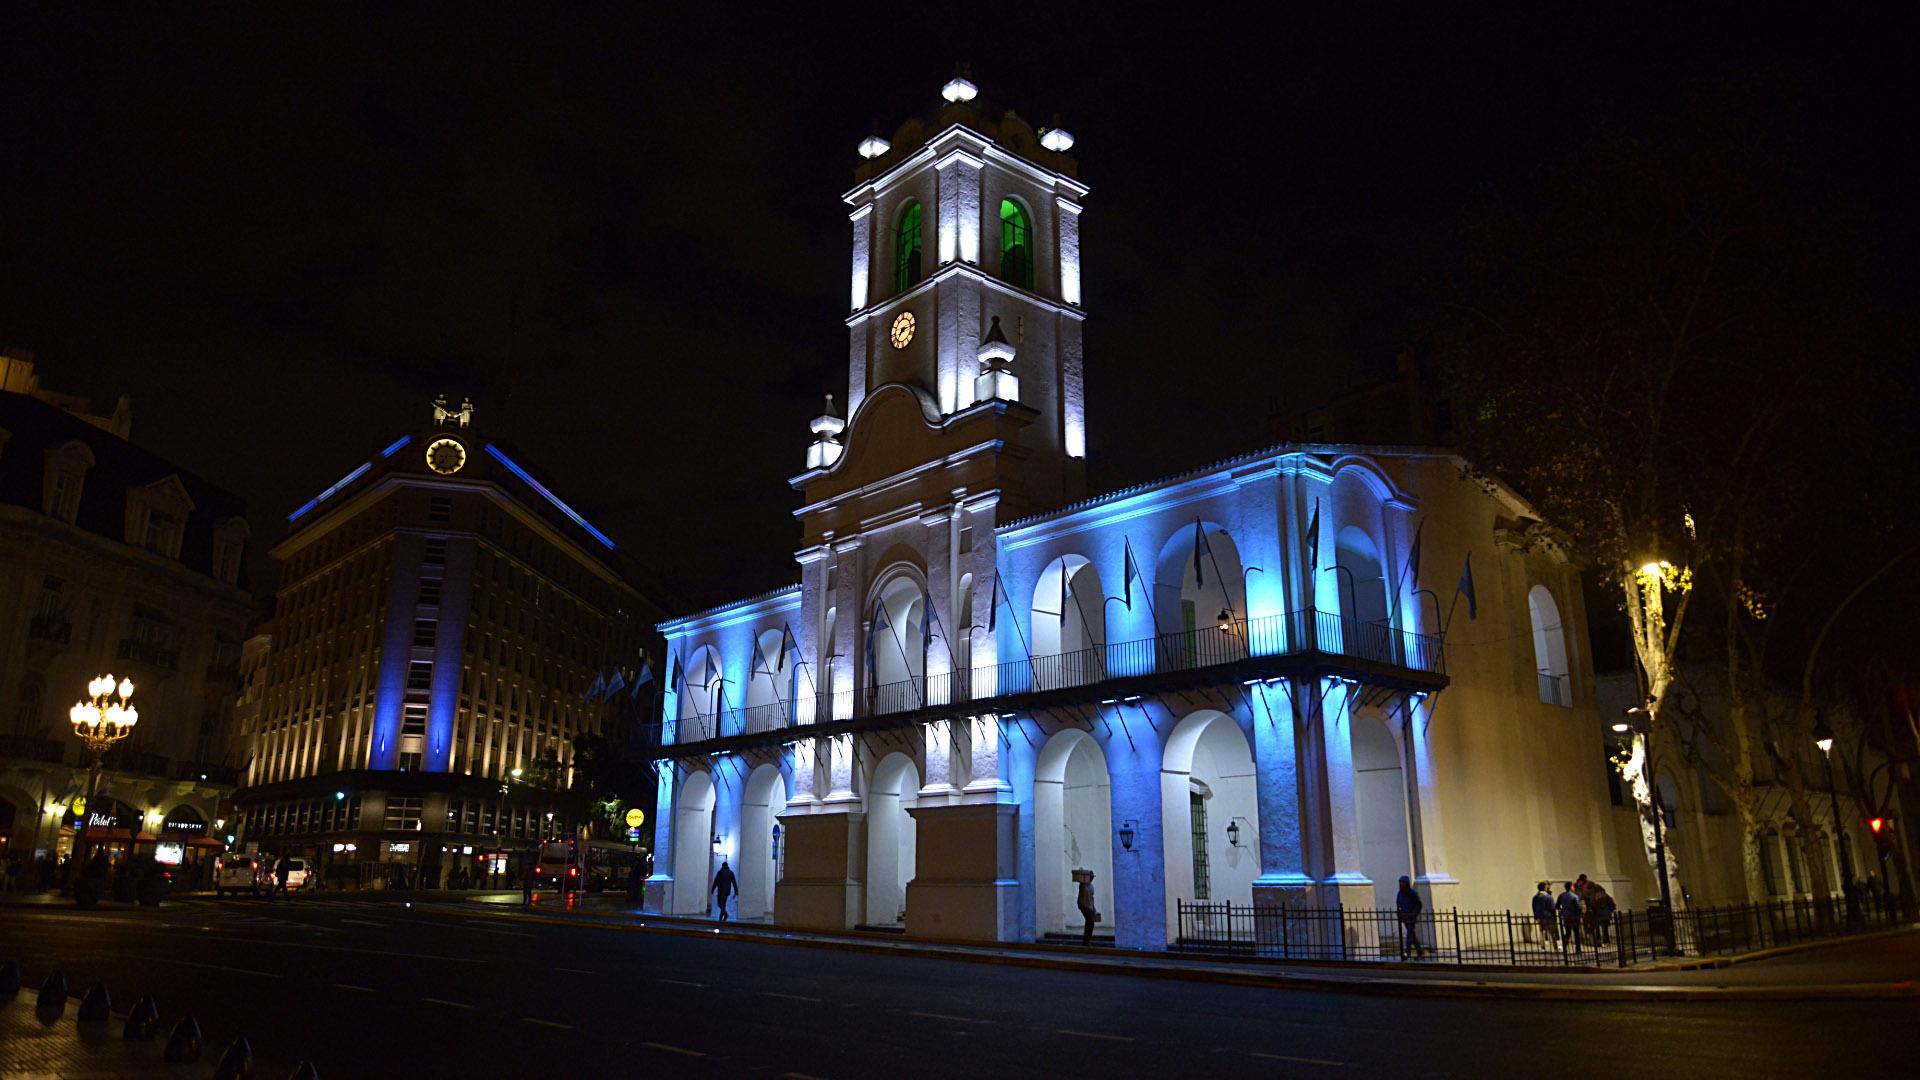 Los monumentos más importantes de la ciudad fueron iluminados con los colores patrios por el aniversario de la Independencia (Fotos: Gustavo Gavotti)